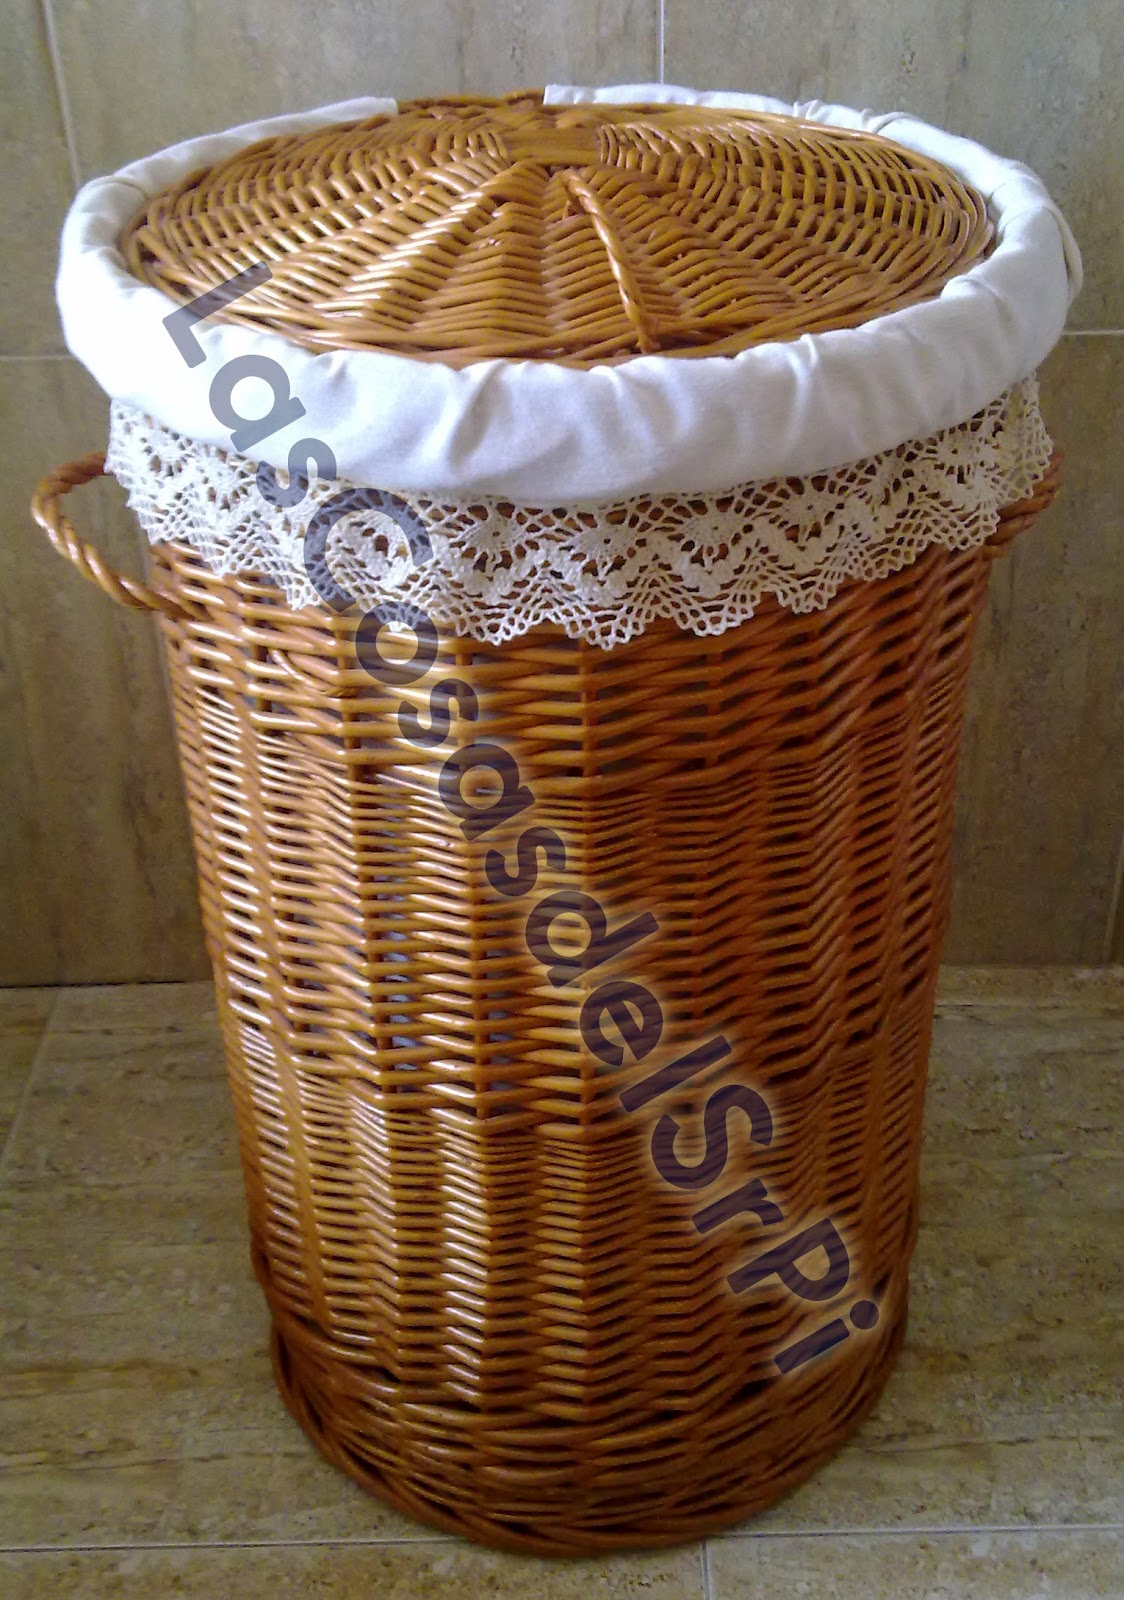 bandejas para el caf paneras cestos para la ropa cestas para recoger setas etc